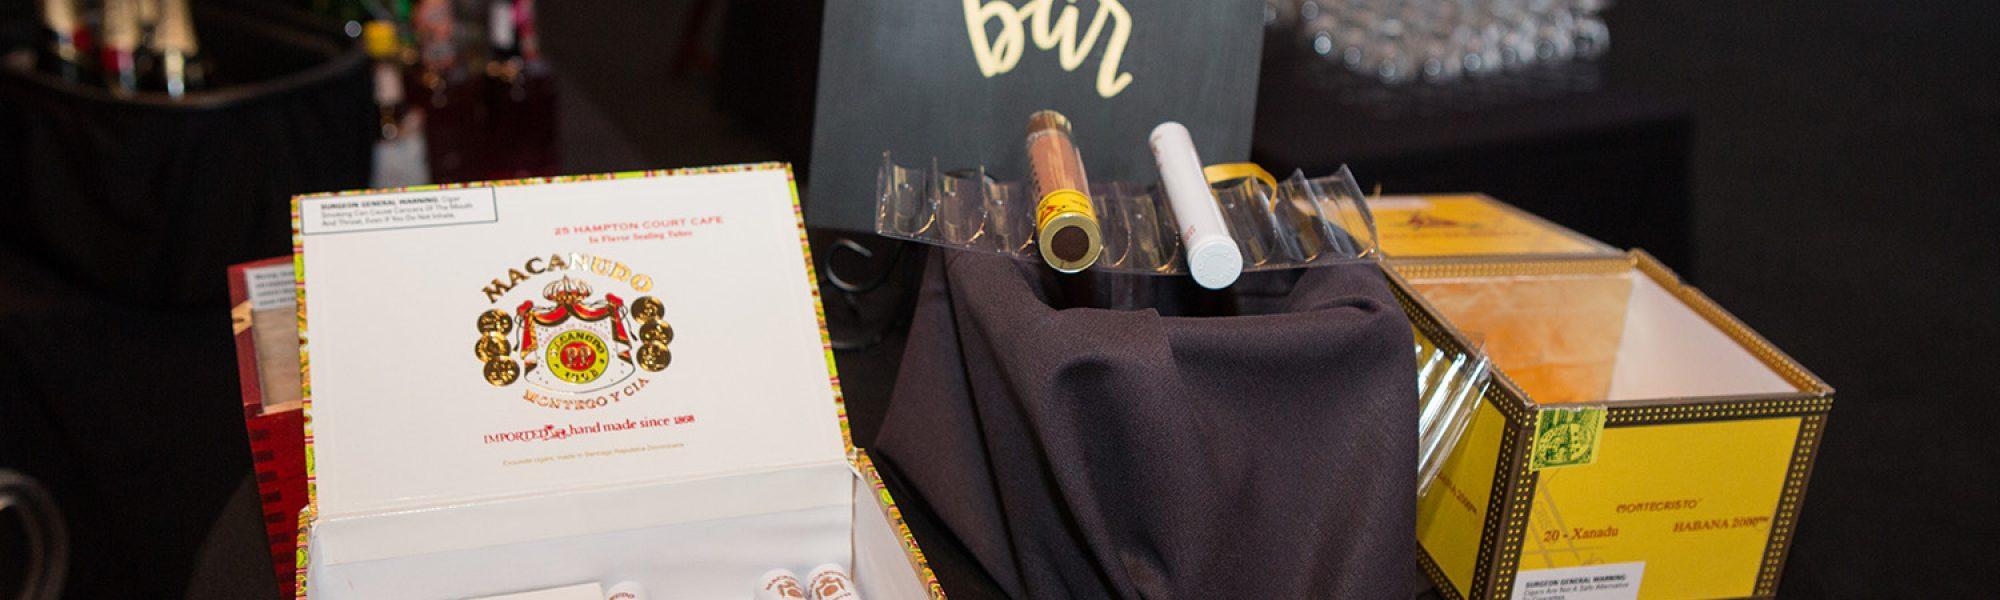 cigar bar at a wedding reception